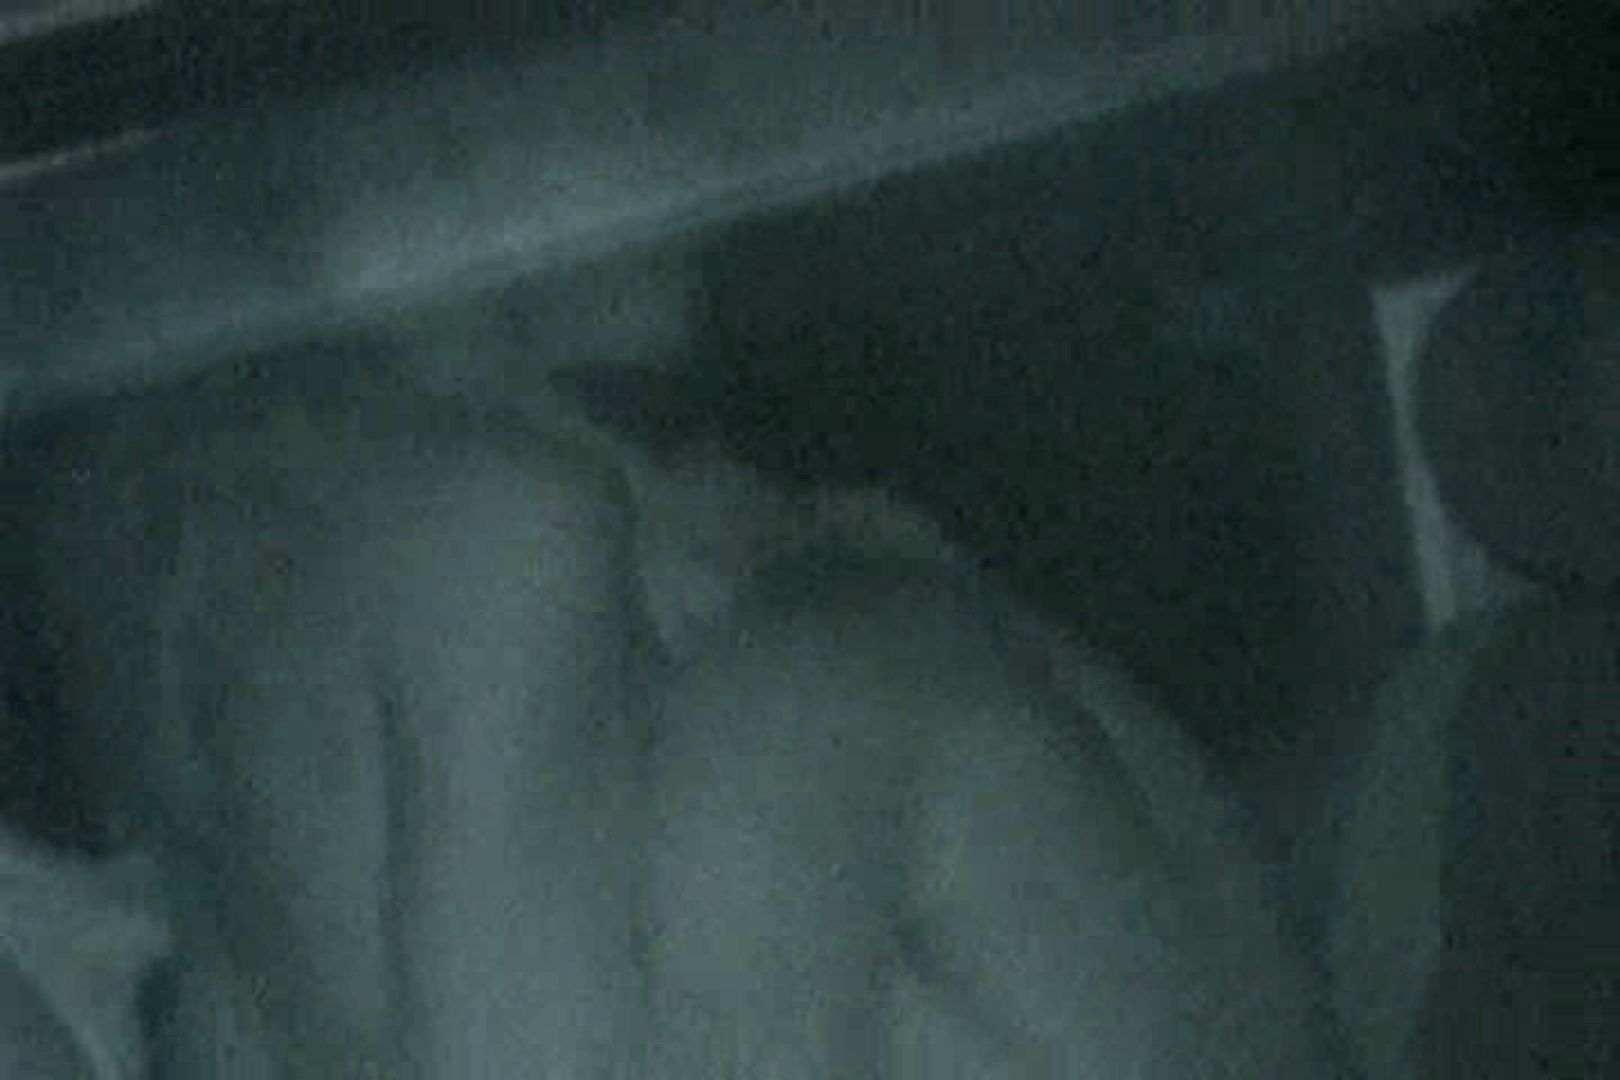 充血監督の深夜の運動会Vol.130 カップル盗撮 ワレメ無修正動画無料 105画像 43